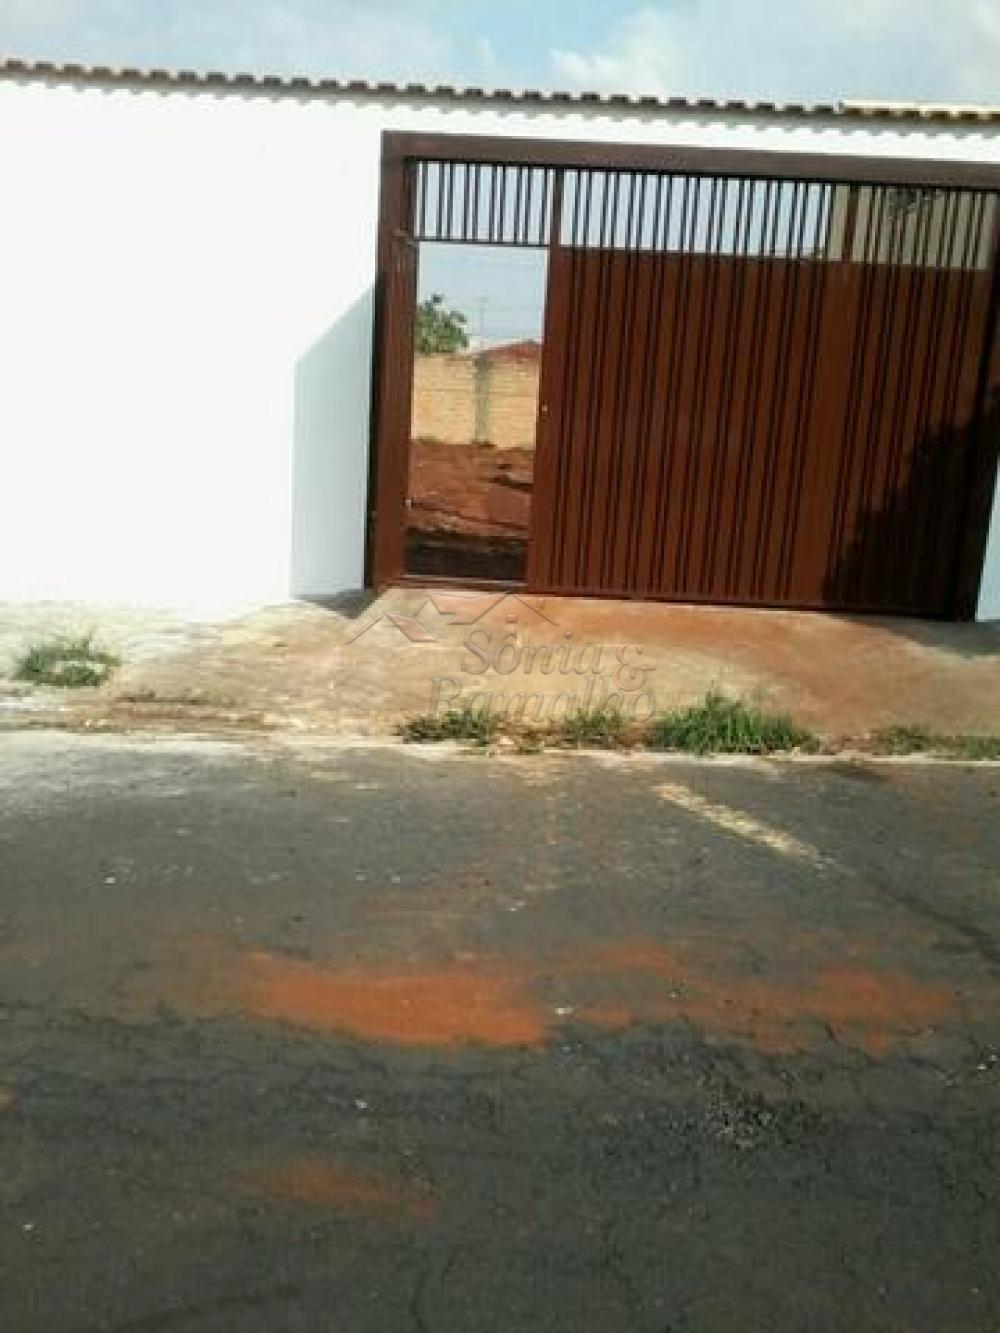 Comprar Terrenos / Lote / Terreno em Ribeirão Preto apenas R$ 160.000,00 - Foto 2